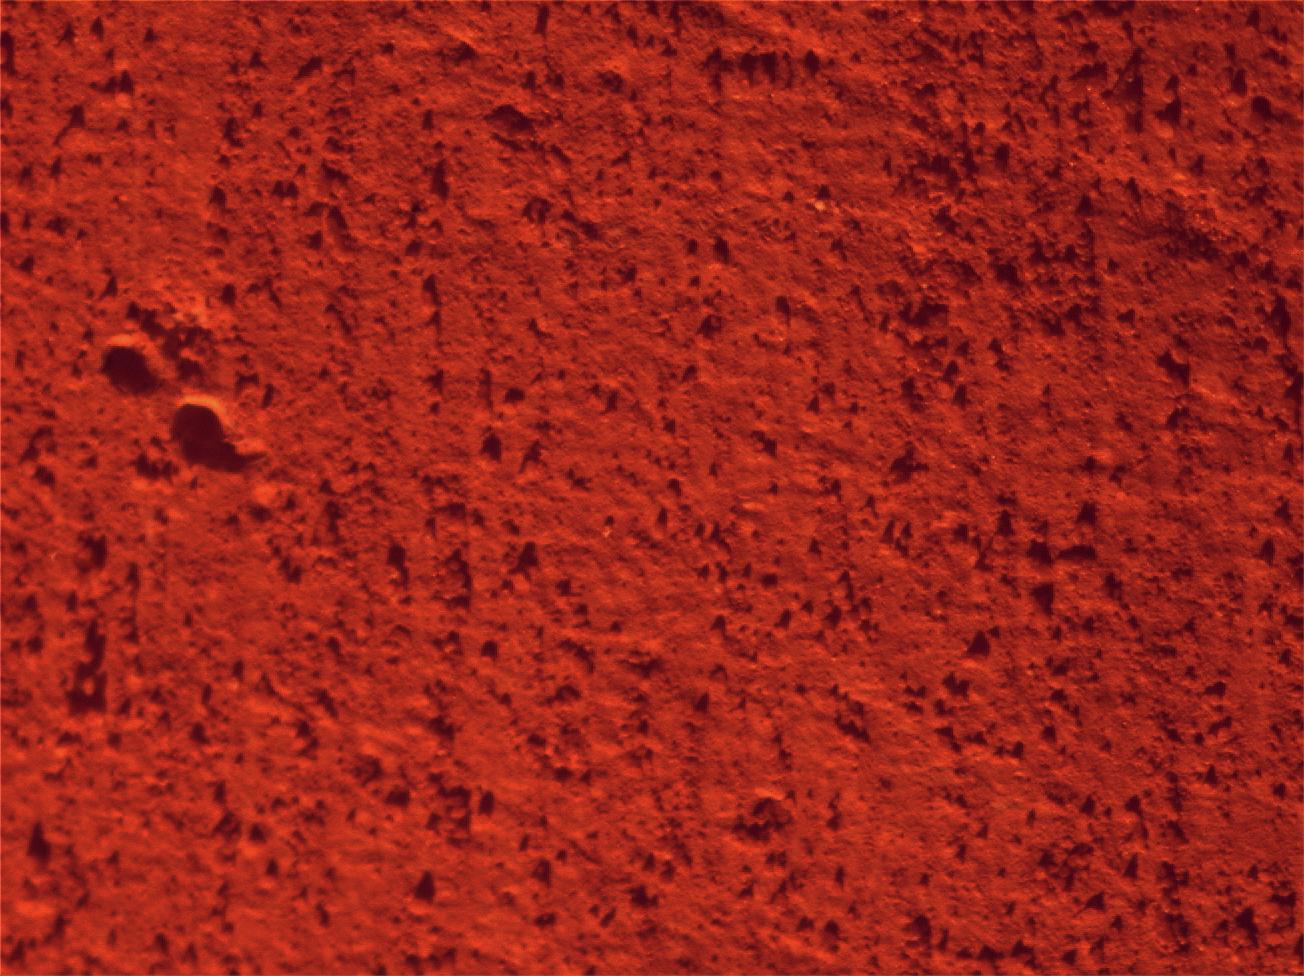 Moon_232225_grad4_ap1391.png